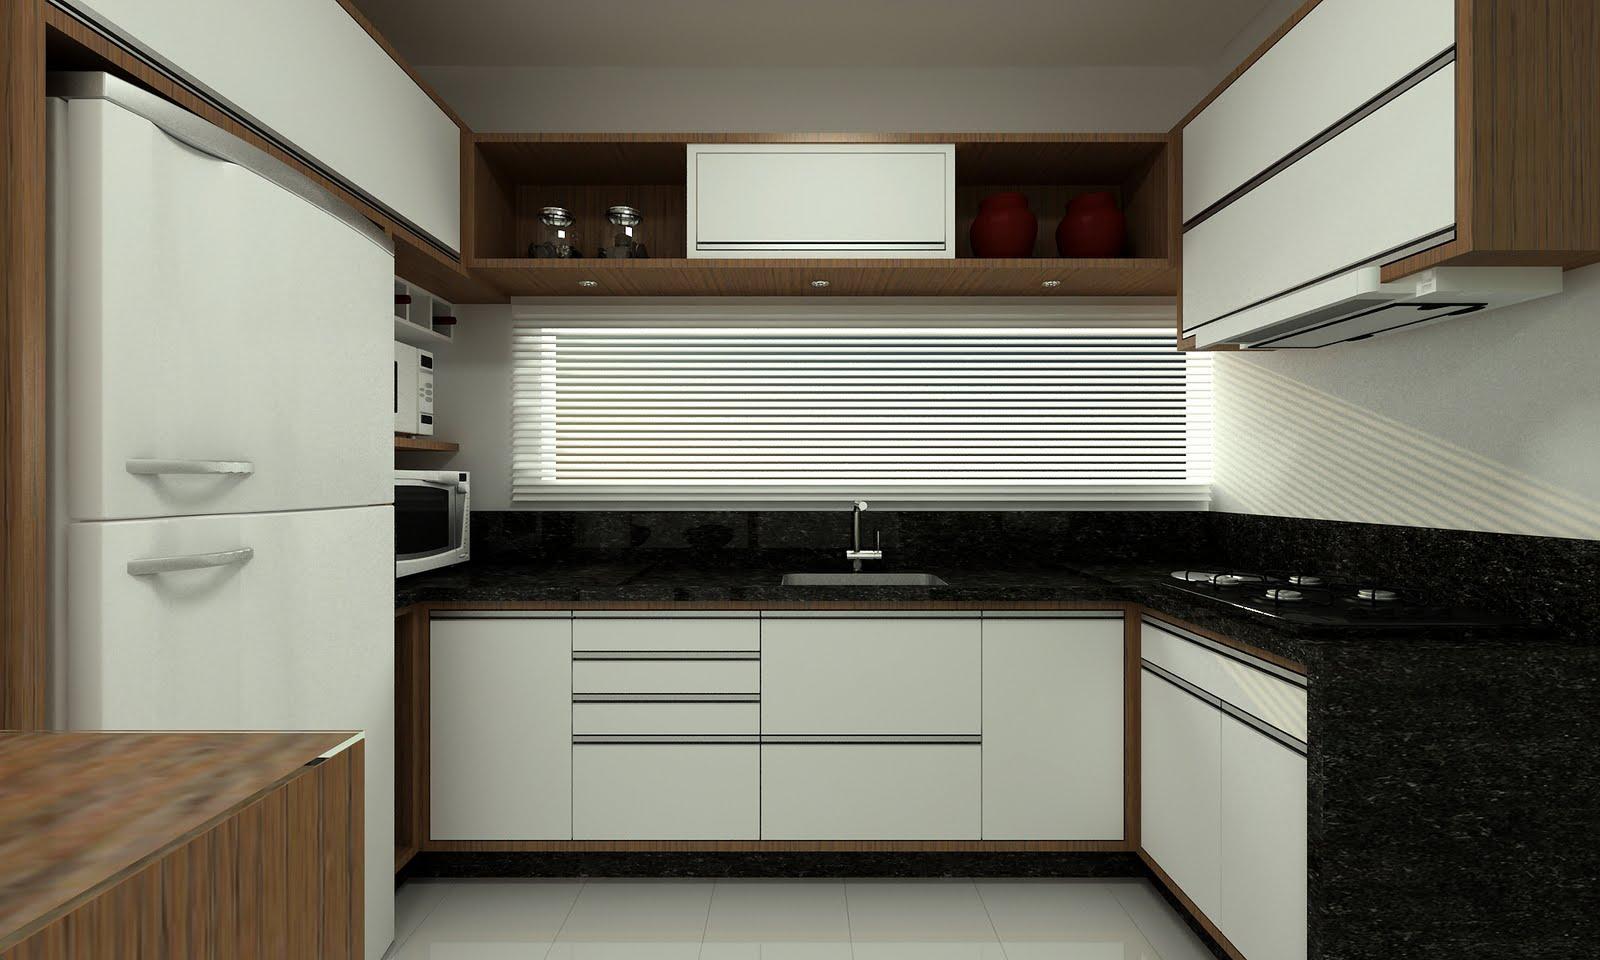 Apê novo com dez mil: Cozinha   revestimento armários #604A33 1600x960